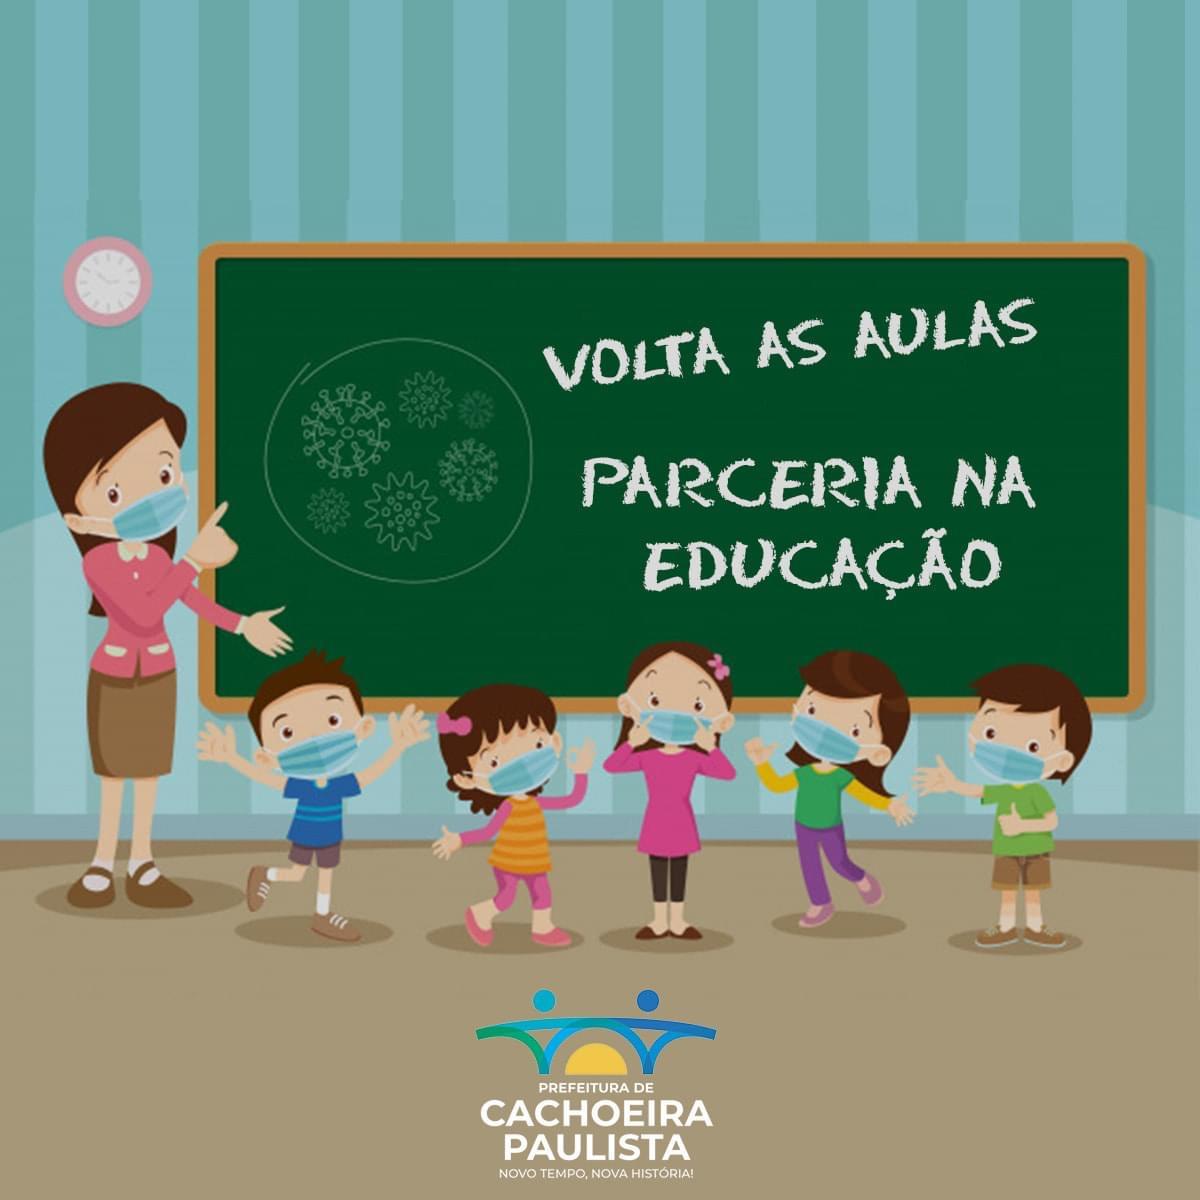 Educação é compartilhada em Cachoeira Paulista